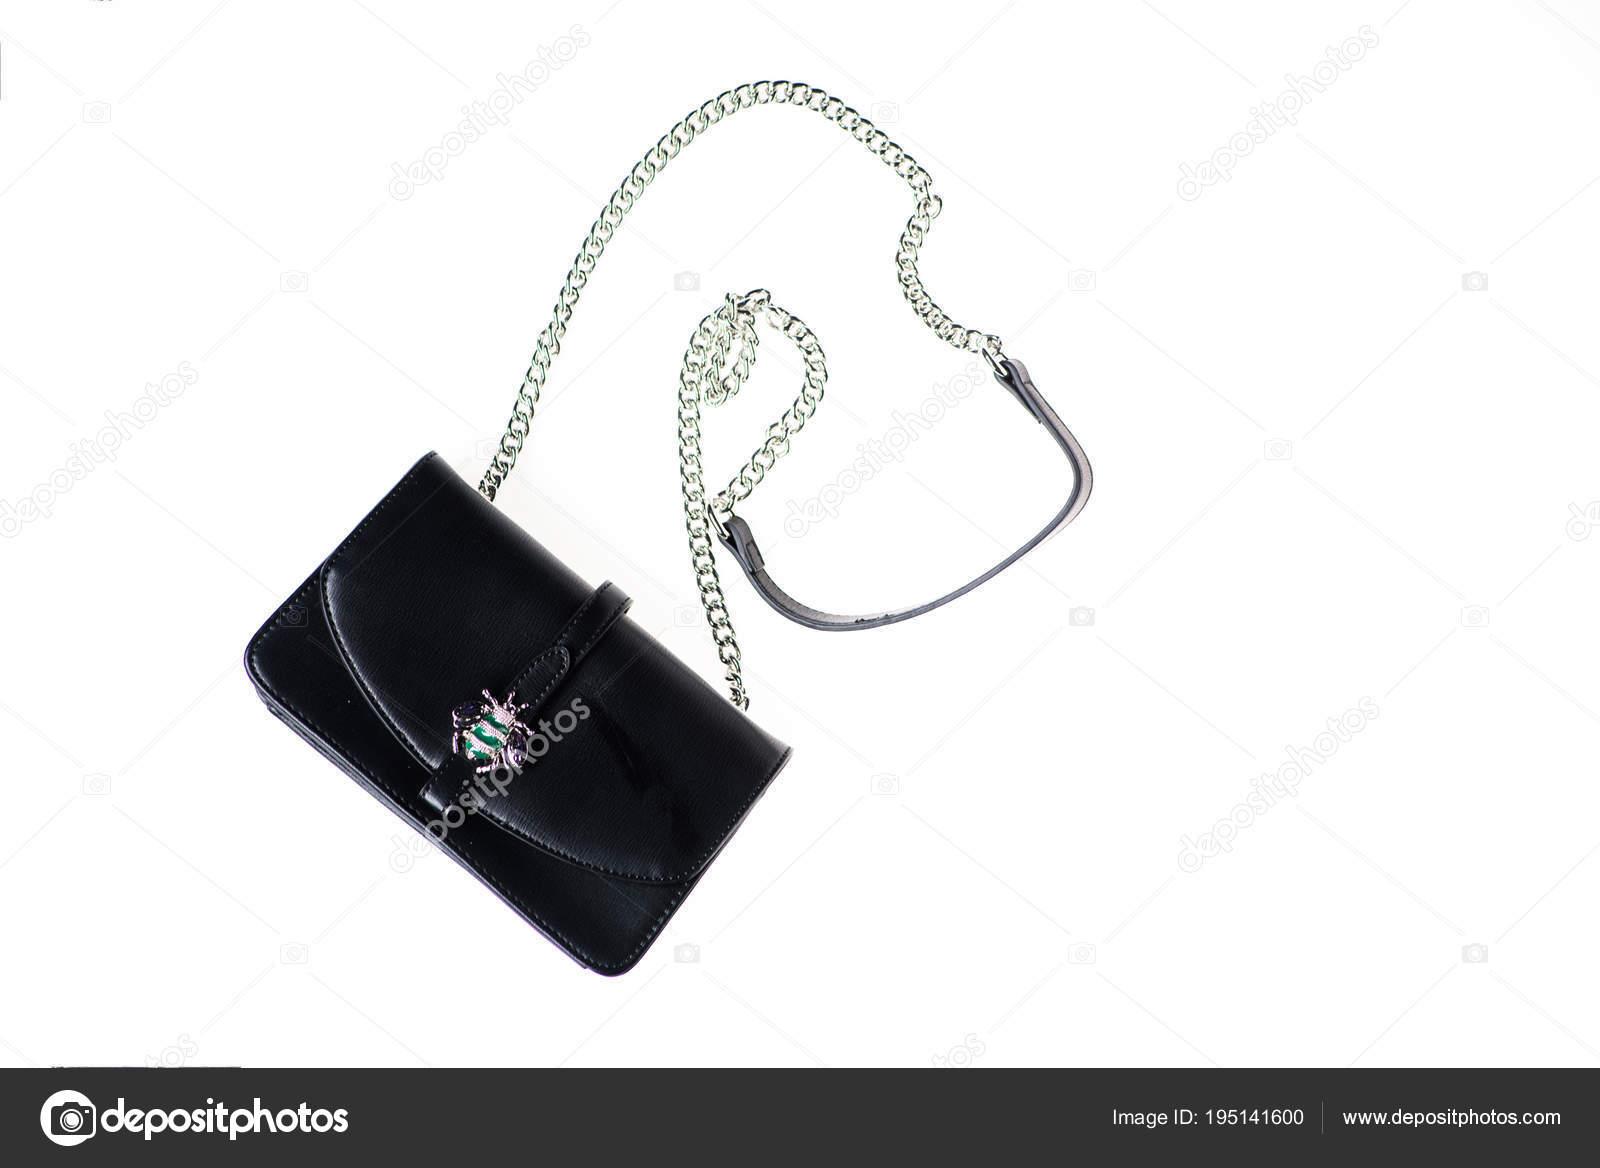 26215d4c8 Bolsa, saco ou bolsa em fundo branco. Conceito de acessórios de moda. Bolsa